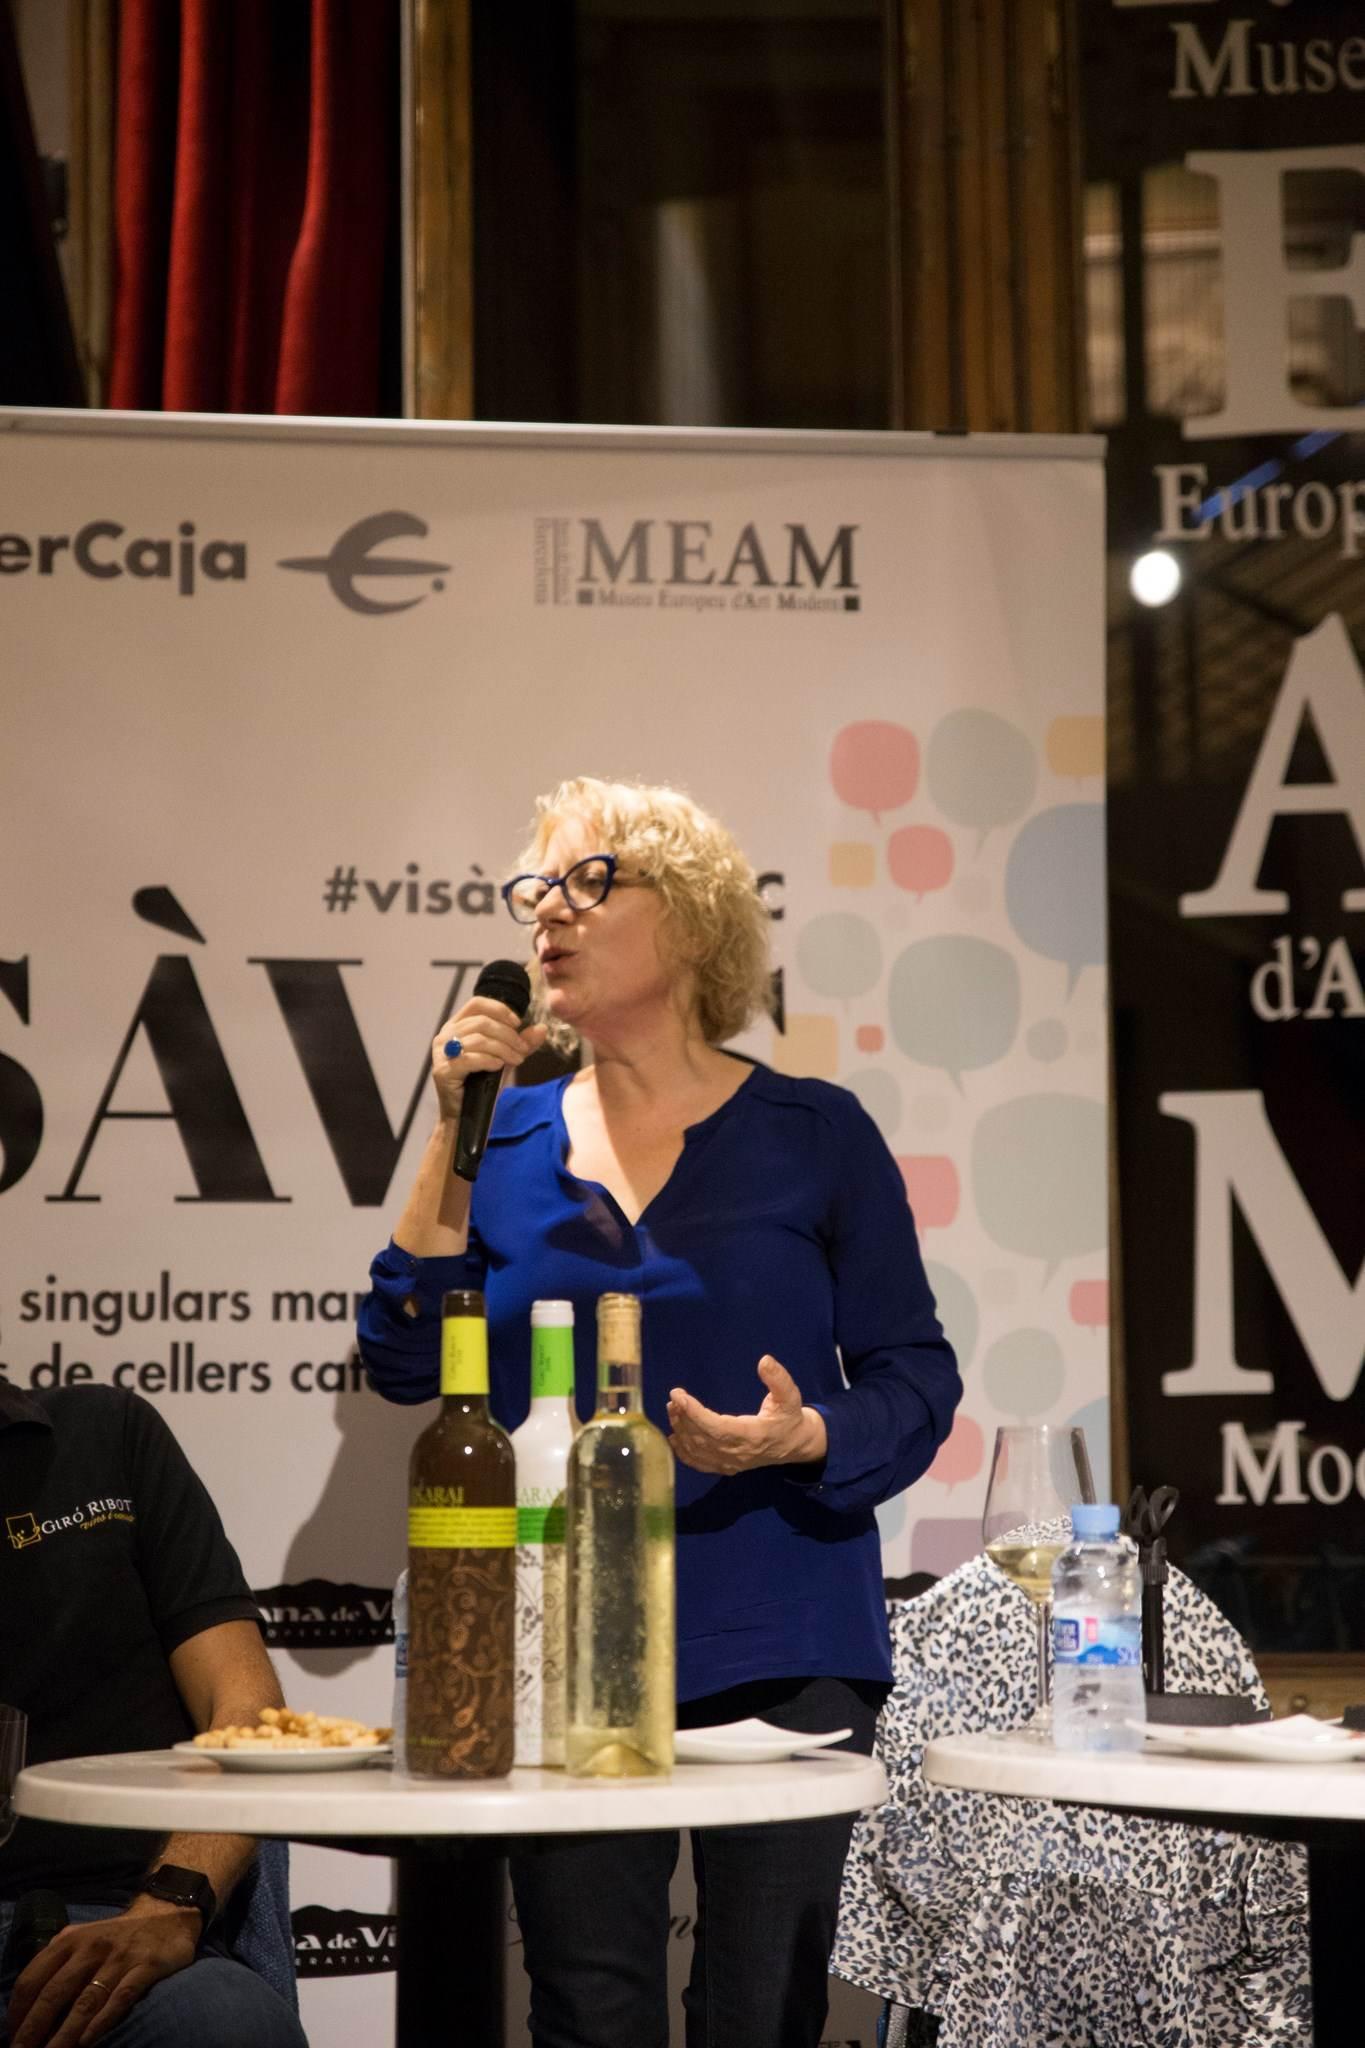 #VisàVis amb Marina Rossell i el celler Giró Ribot